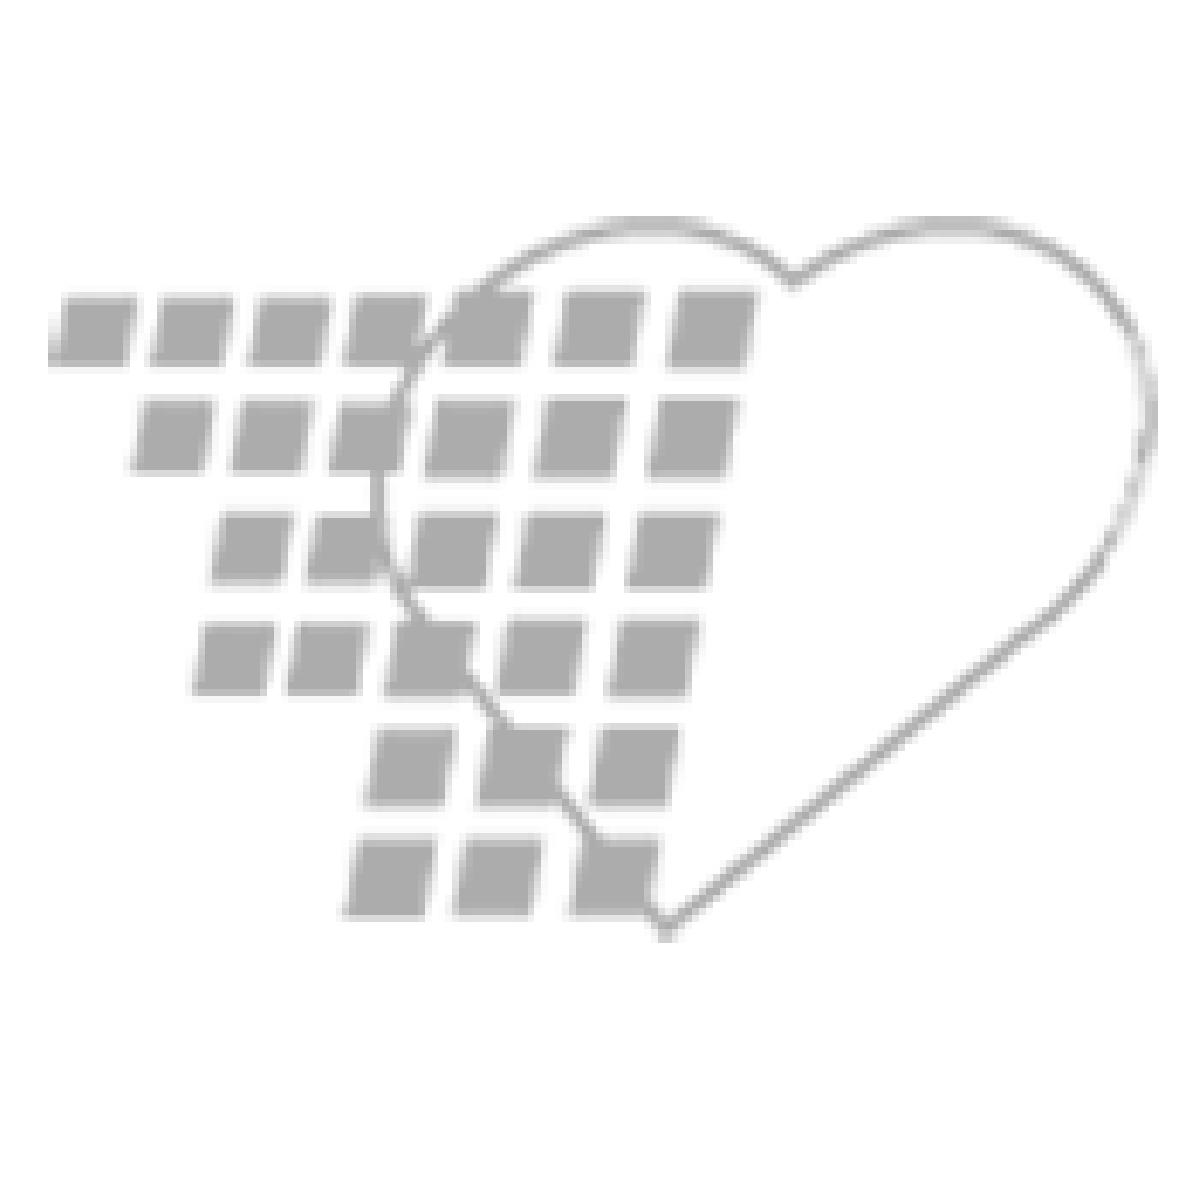 06-99-0410 Chester Chest™ Triple Lumen Catheter